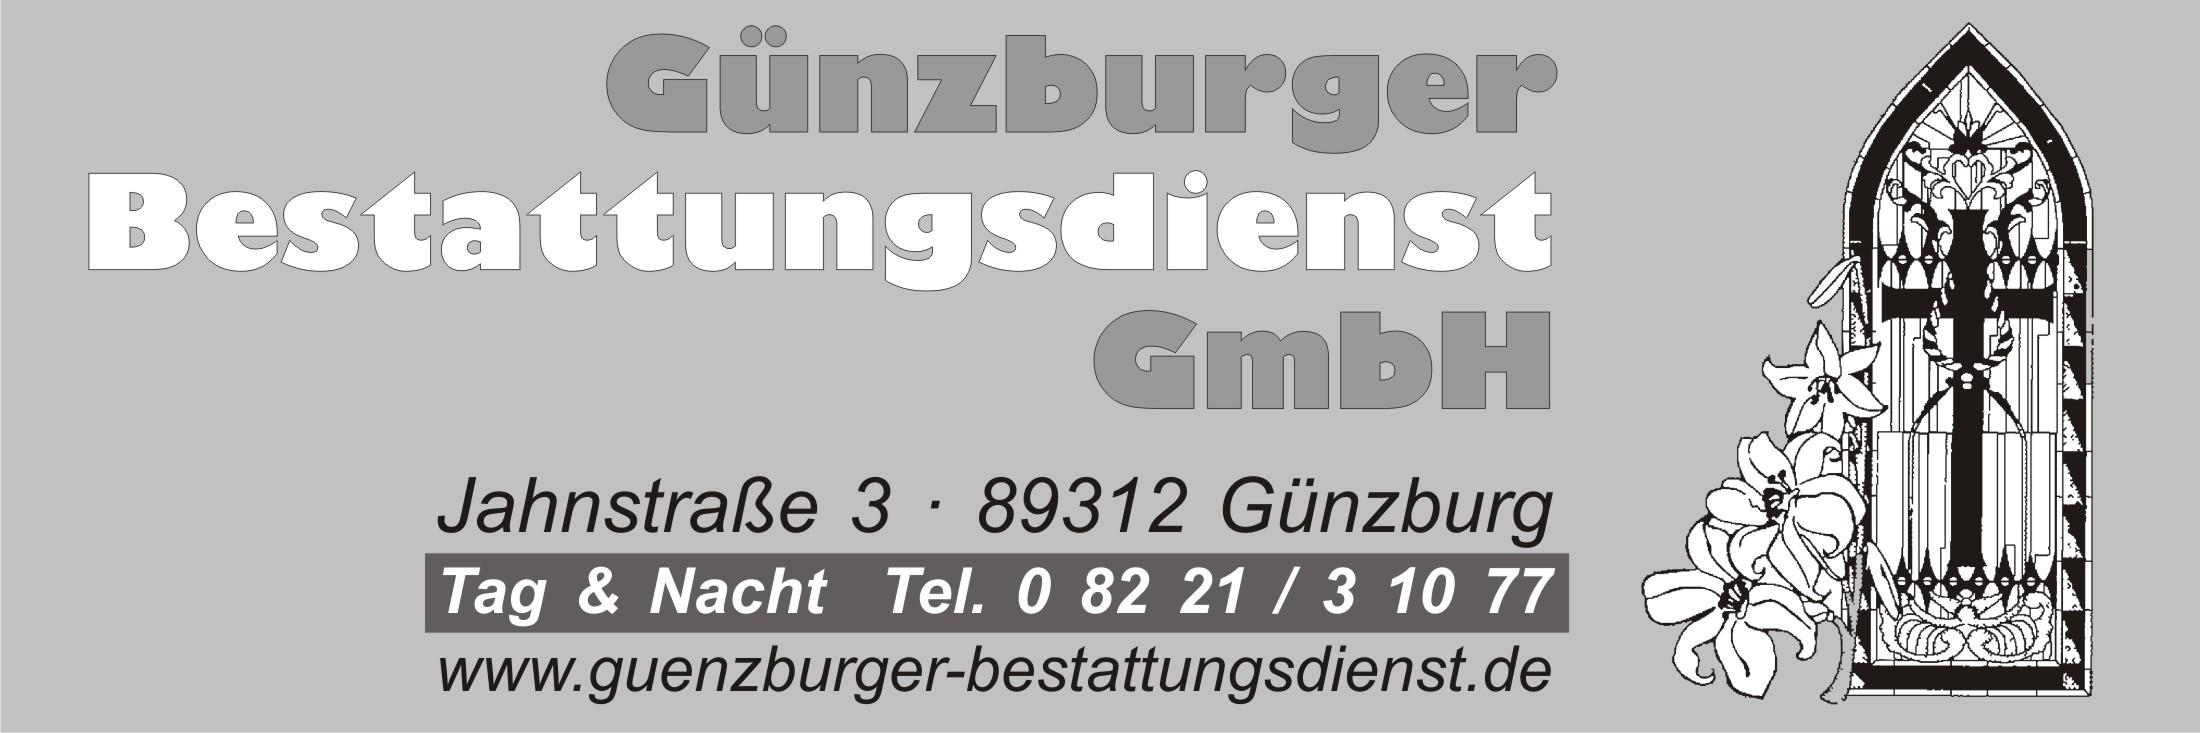 Günzburger Bestattungsdienst GmbH Logo